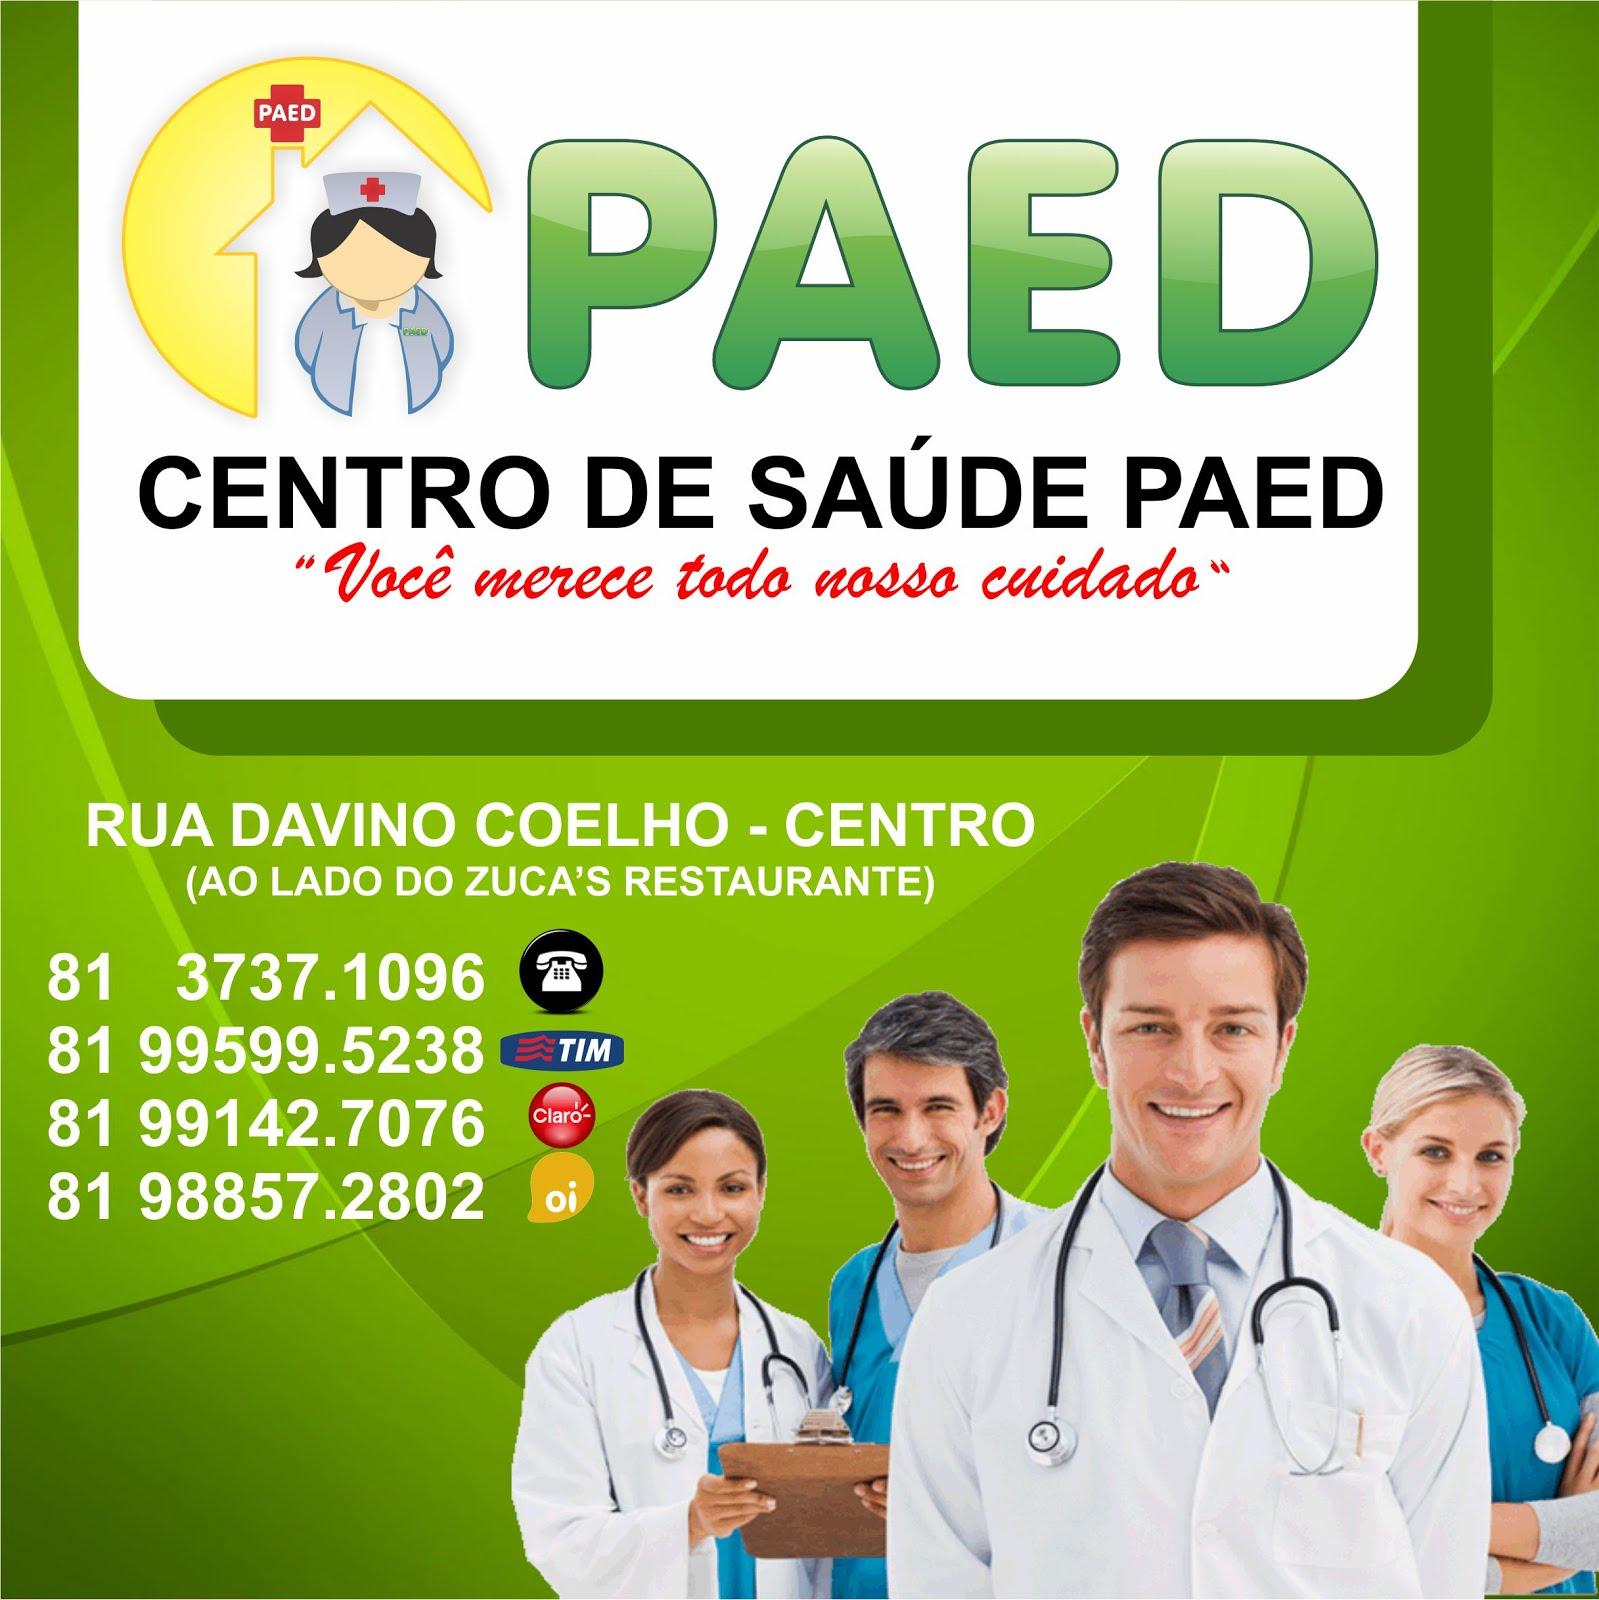 Centro de Saúde PAED